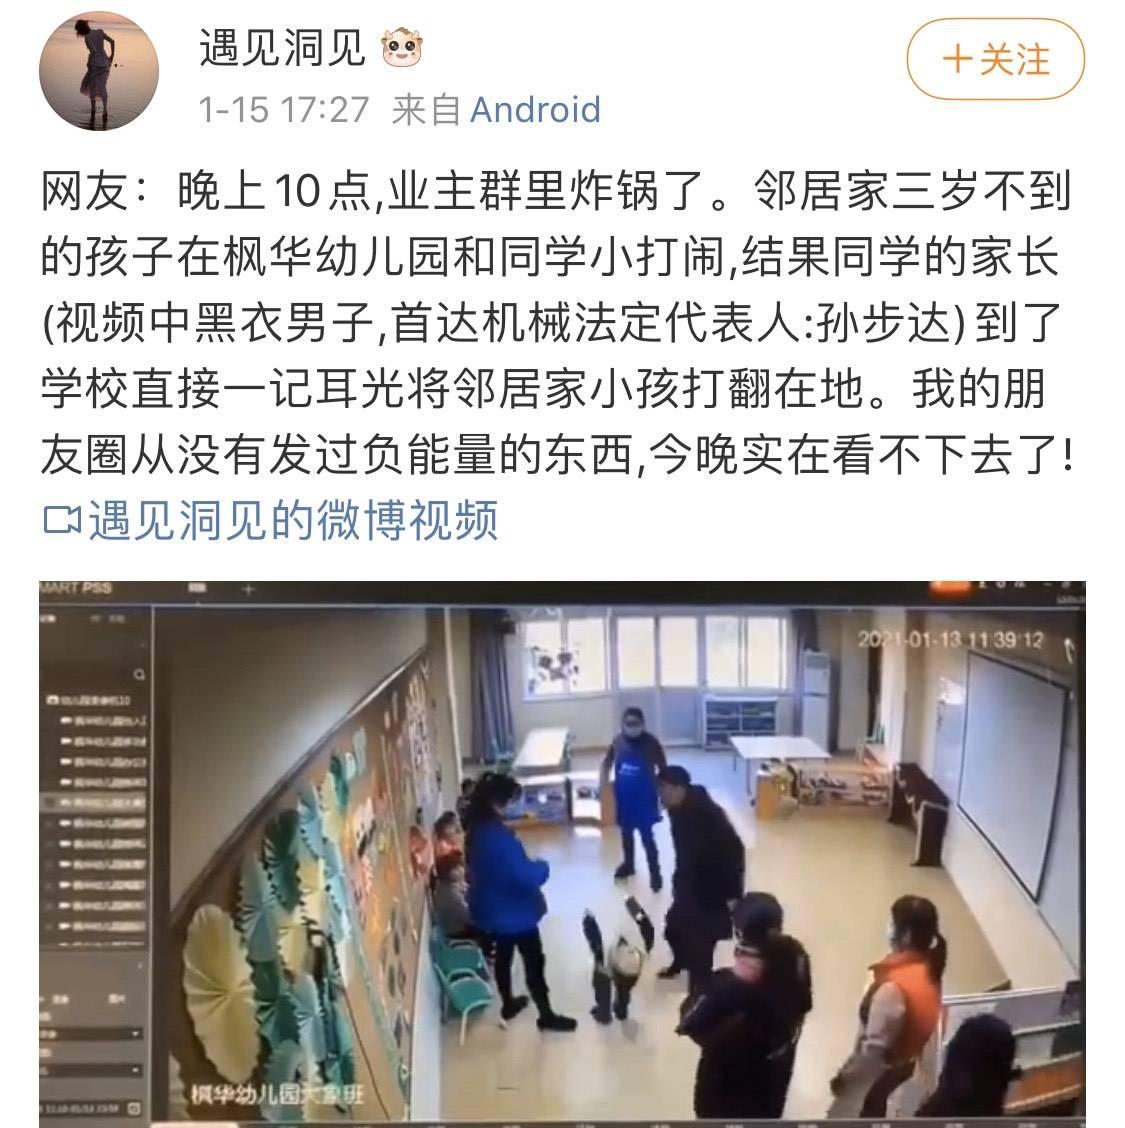 苏州两幼童打闹,男家长进园怒将对方孩子一巴掌扇倒在地,被拘留